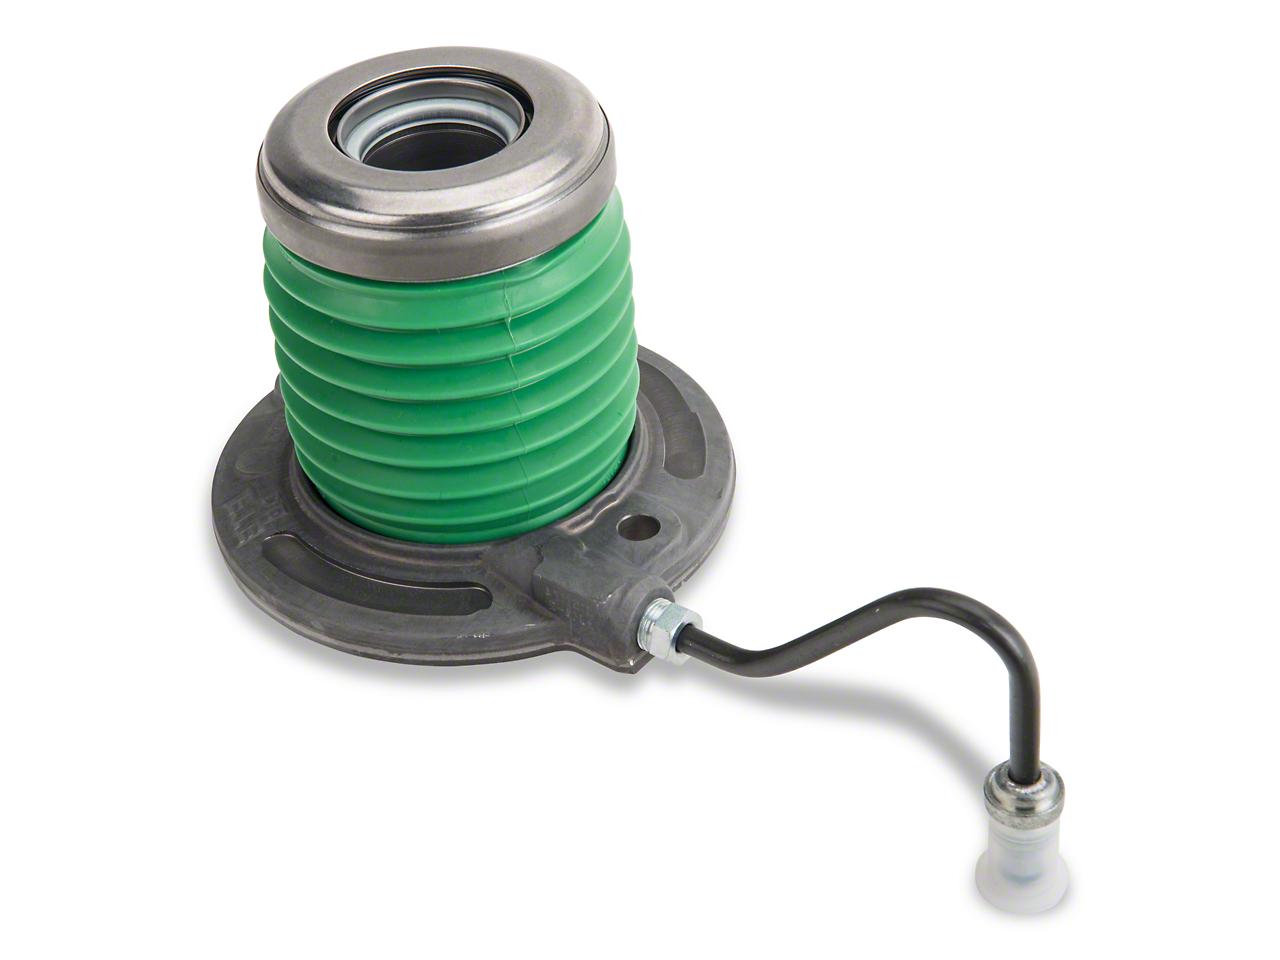 Exedy Hydraulic Throwout Bearing/Slave Cylinder (11-17 GT, V6)